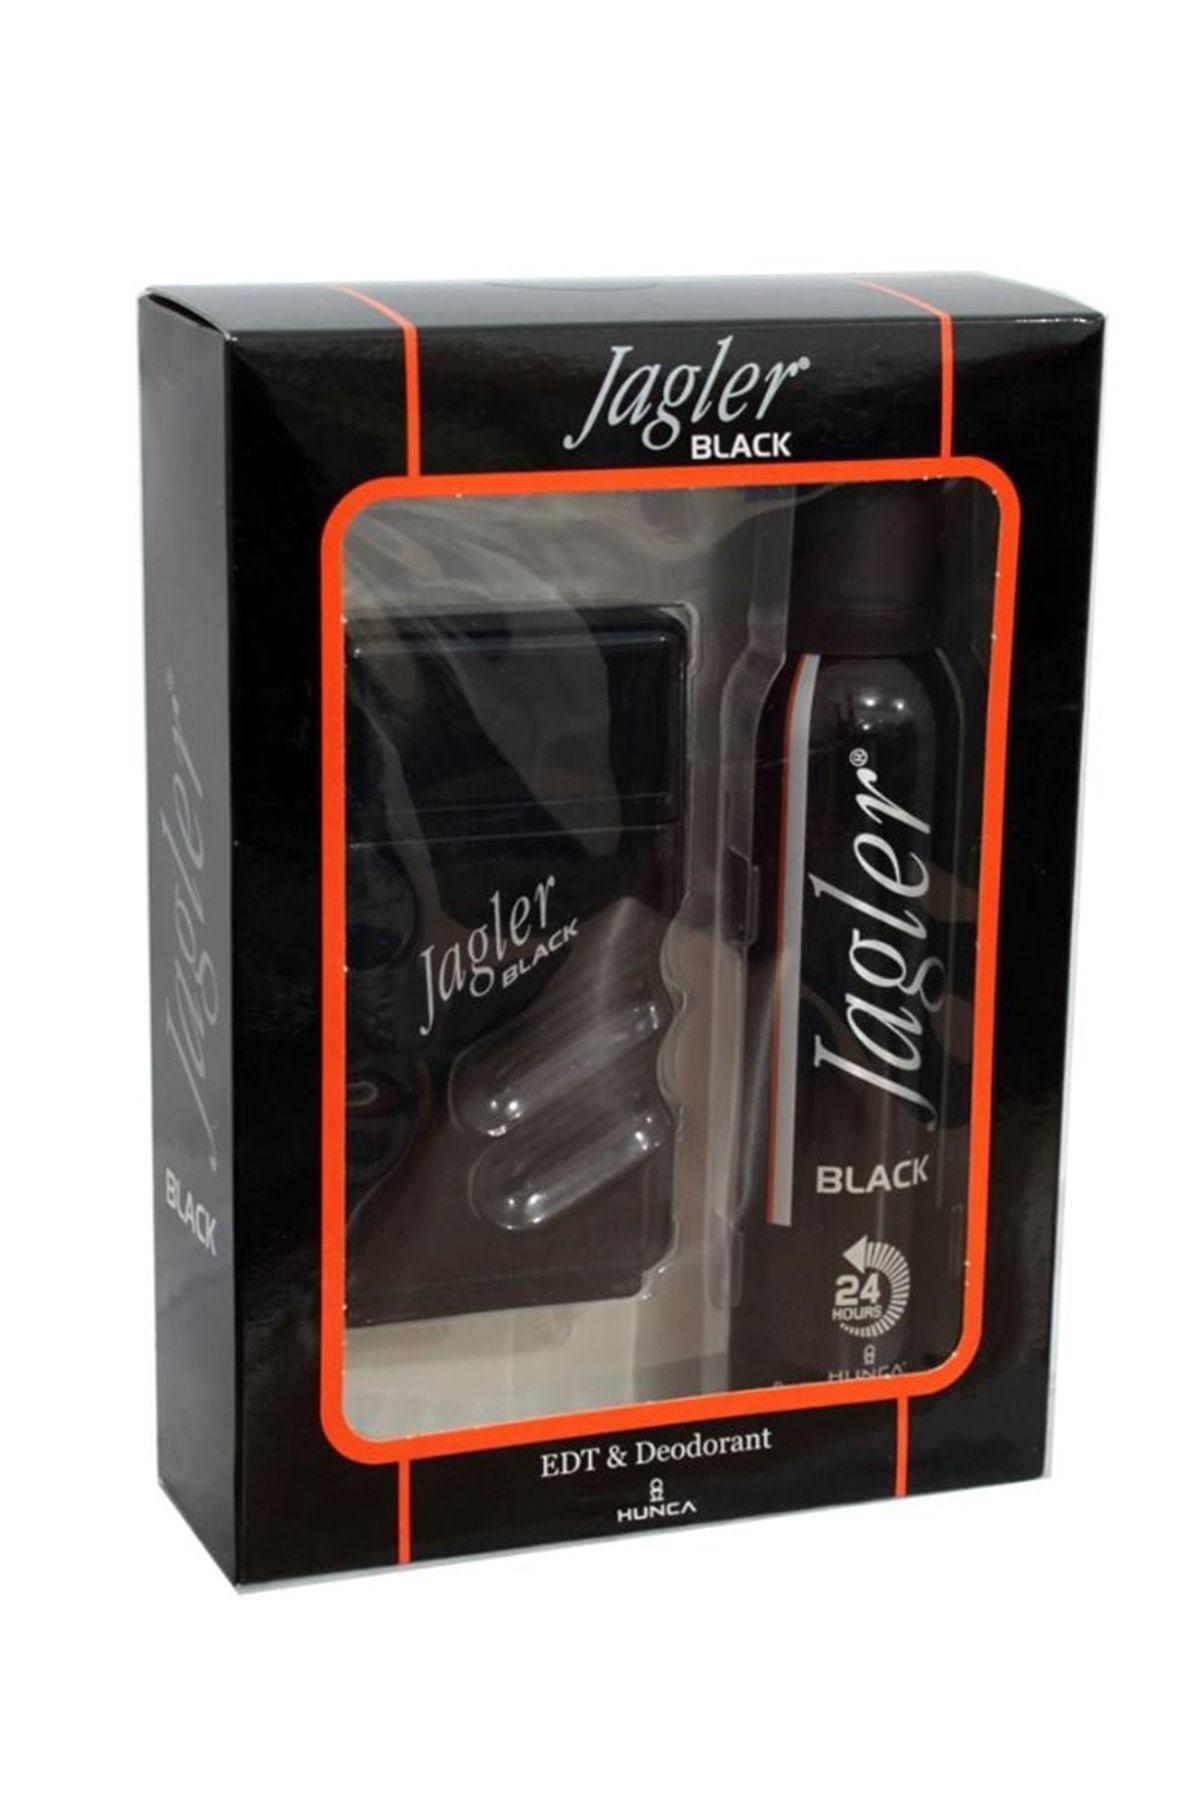 Jagler Black Edt 90 ml +150 ml Deodorant Erkek Parfüm Seti 8690973028532 1